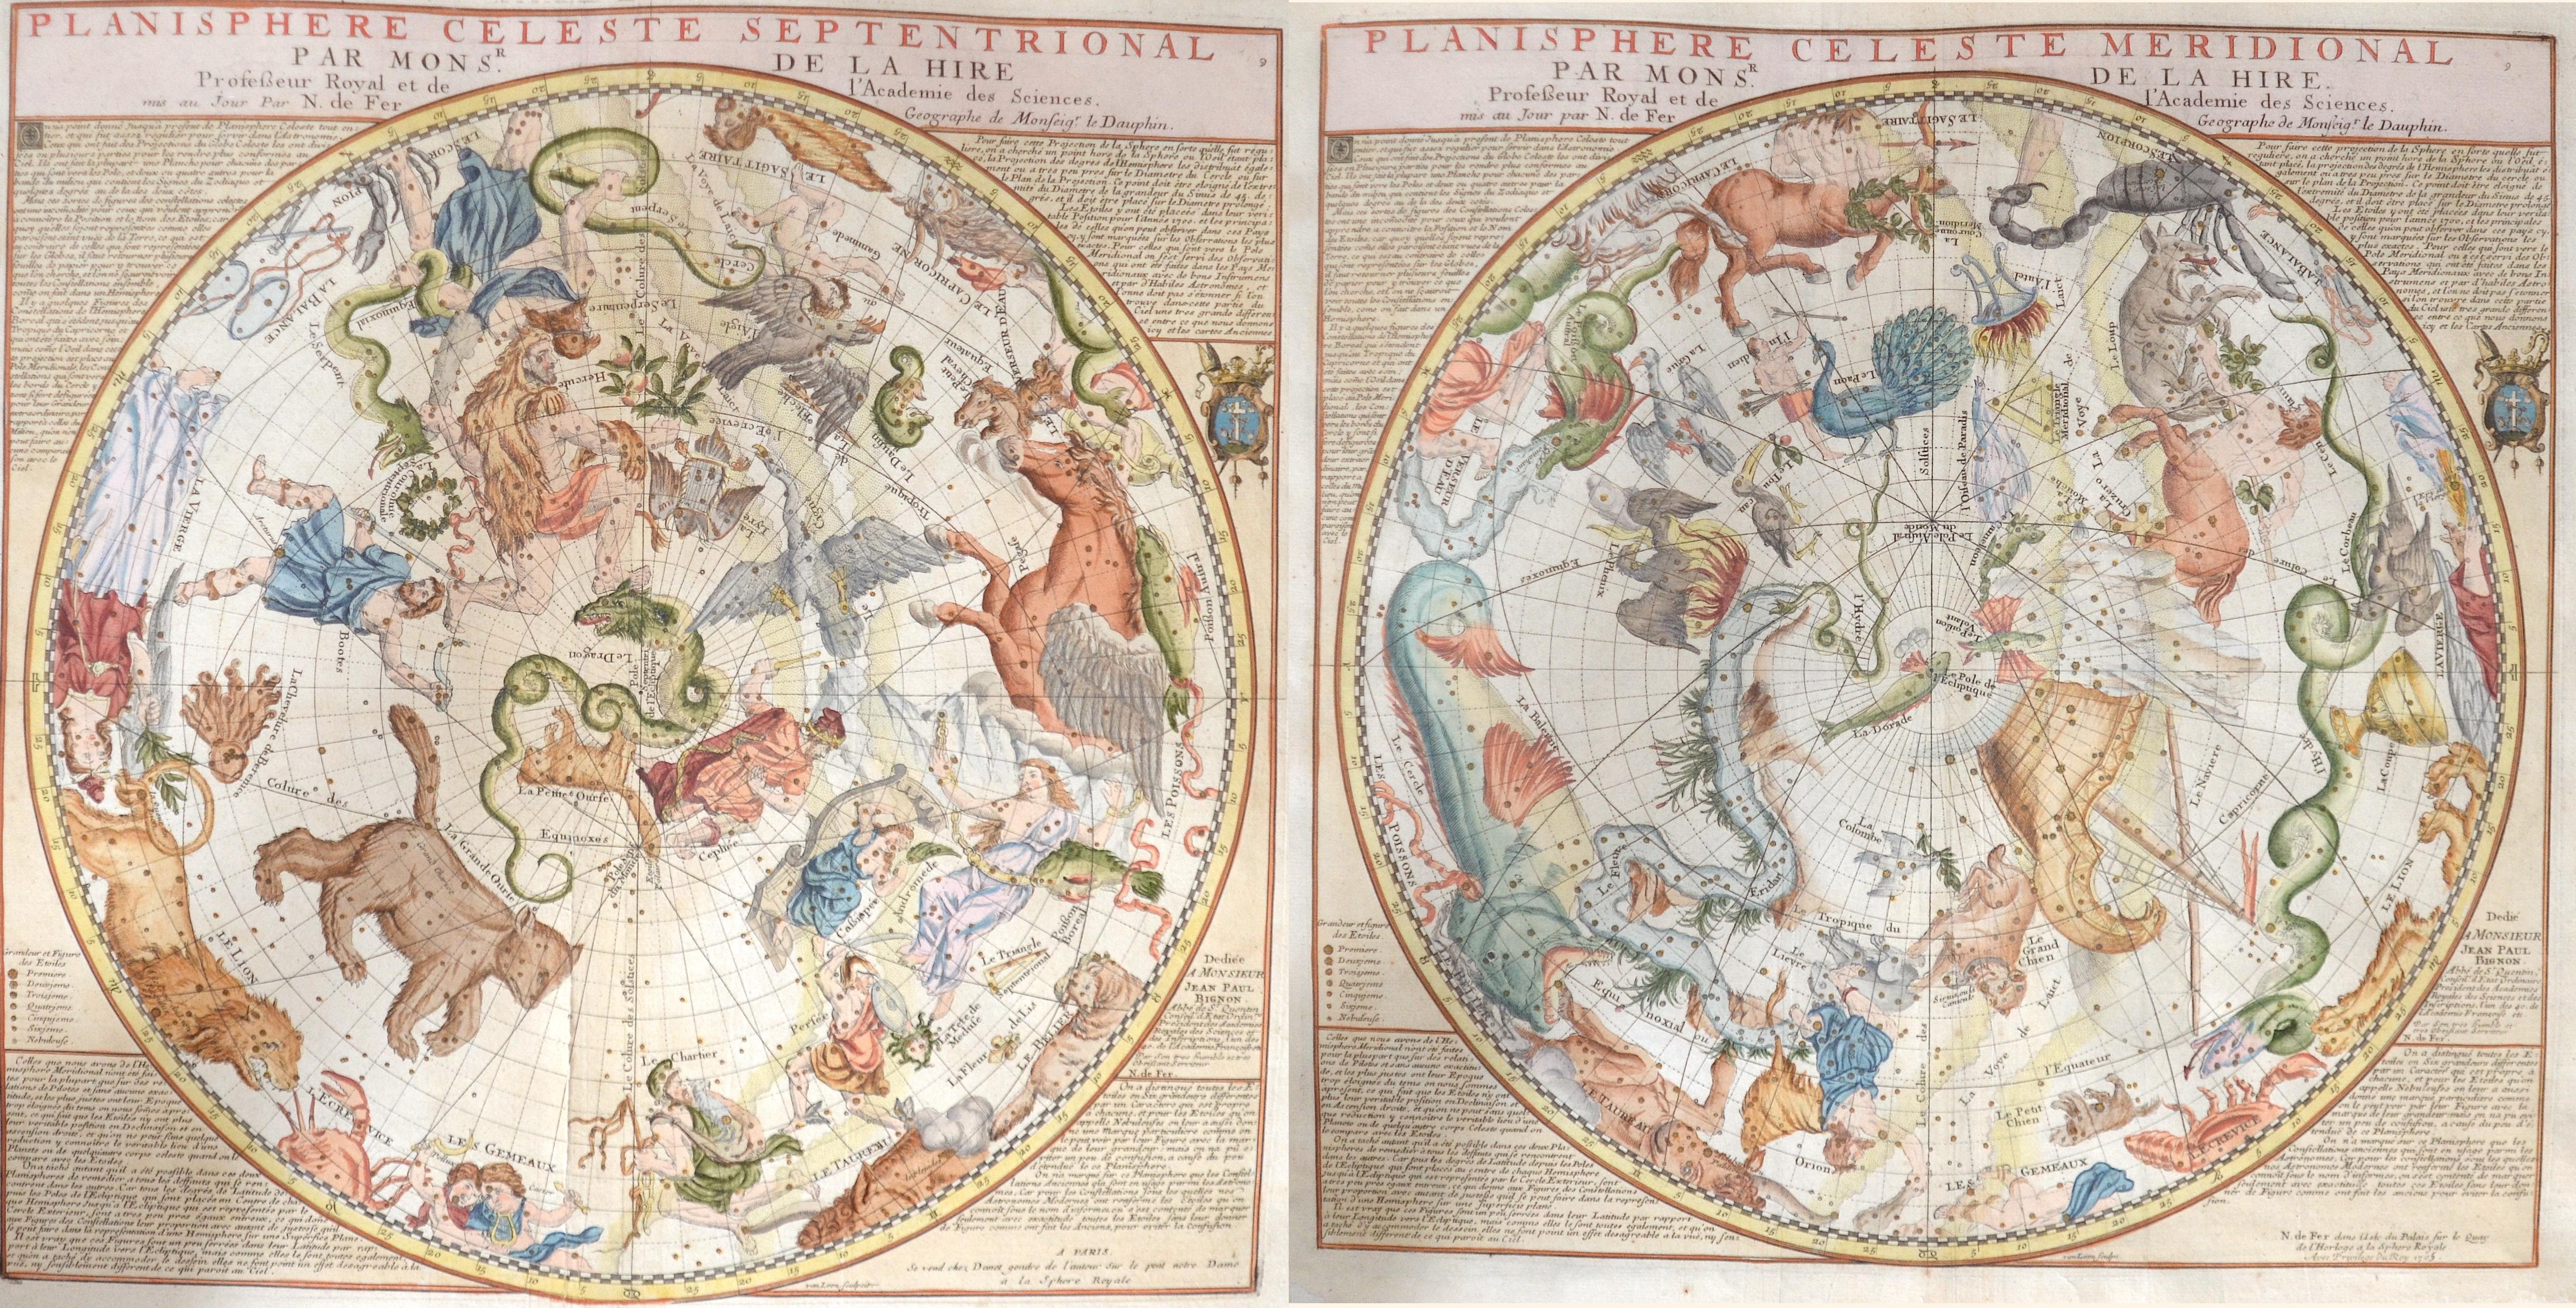 Fer, de Nicolas Planisphere Cheleste Septentrional par Mons Sr. De la Hire..